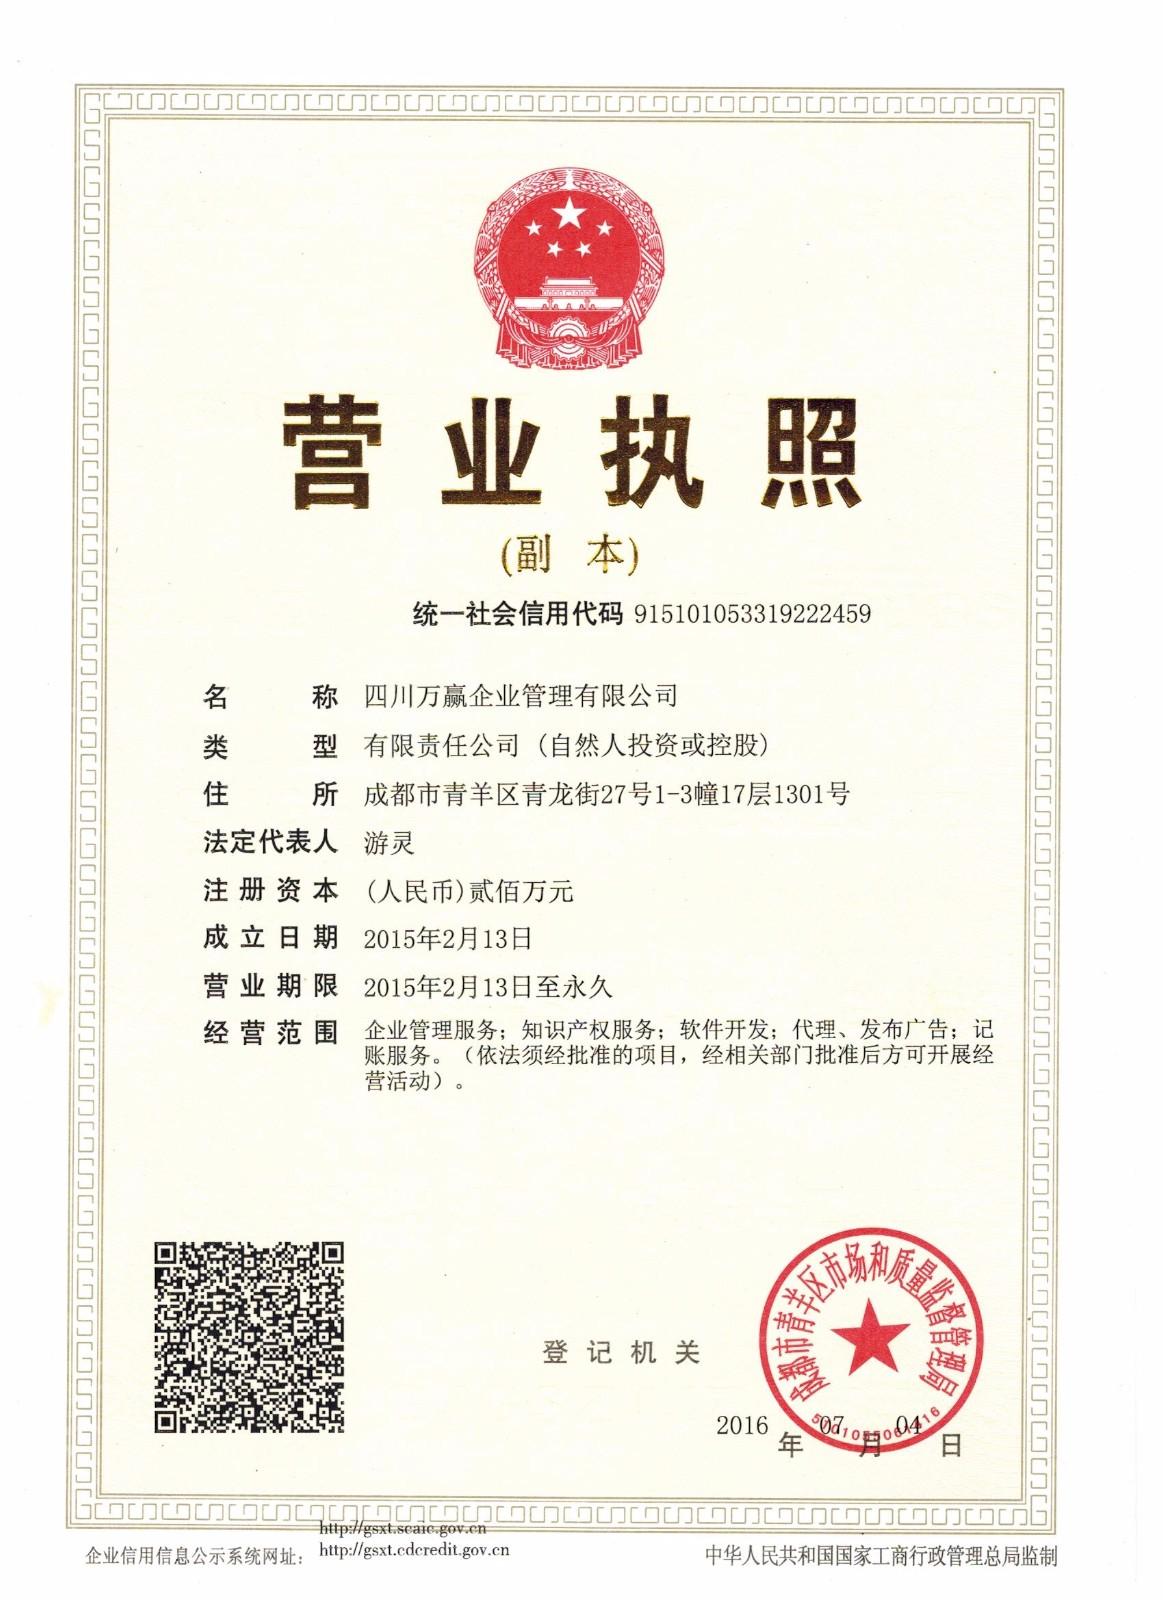 四川万赢企业管理有限公司